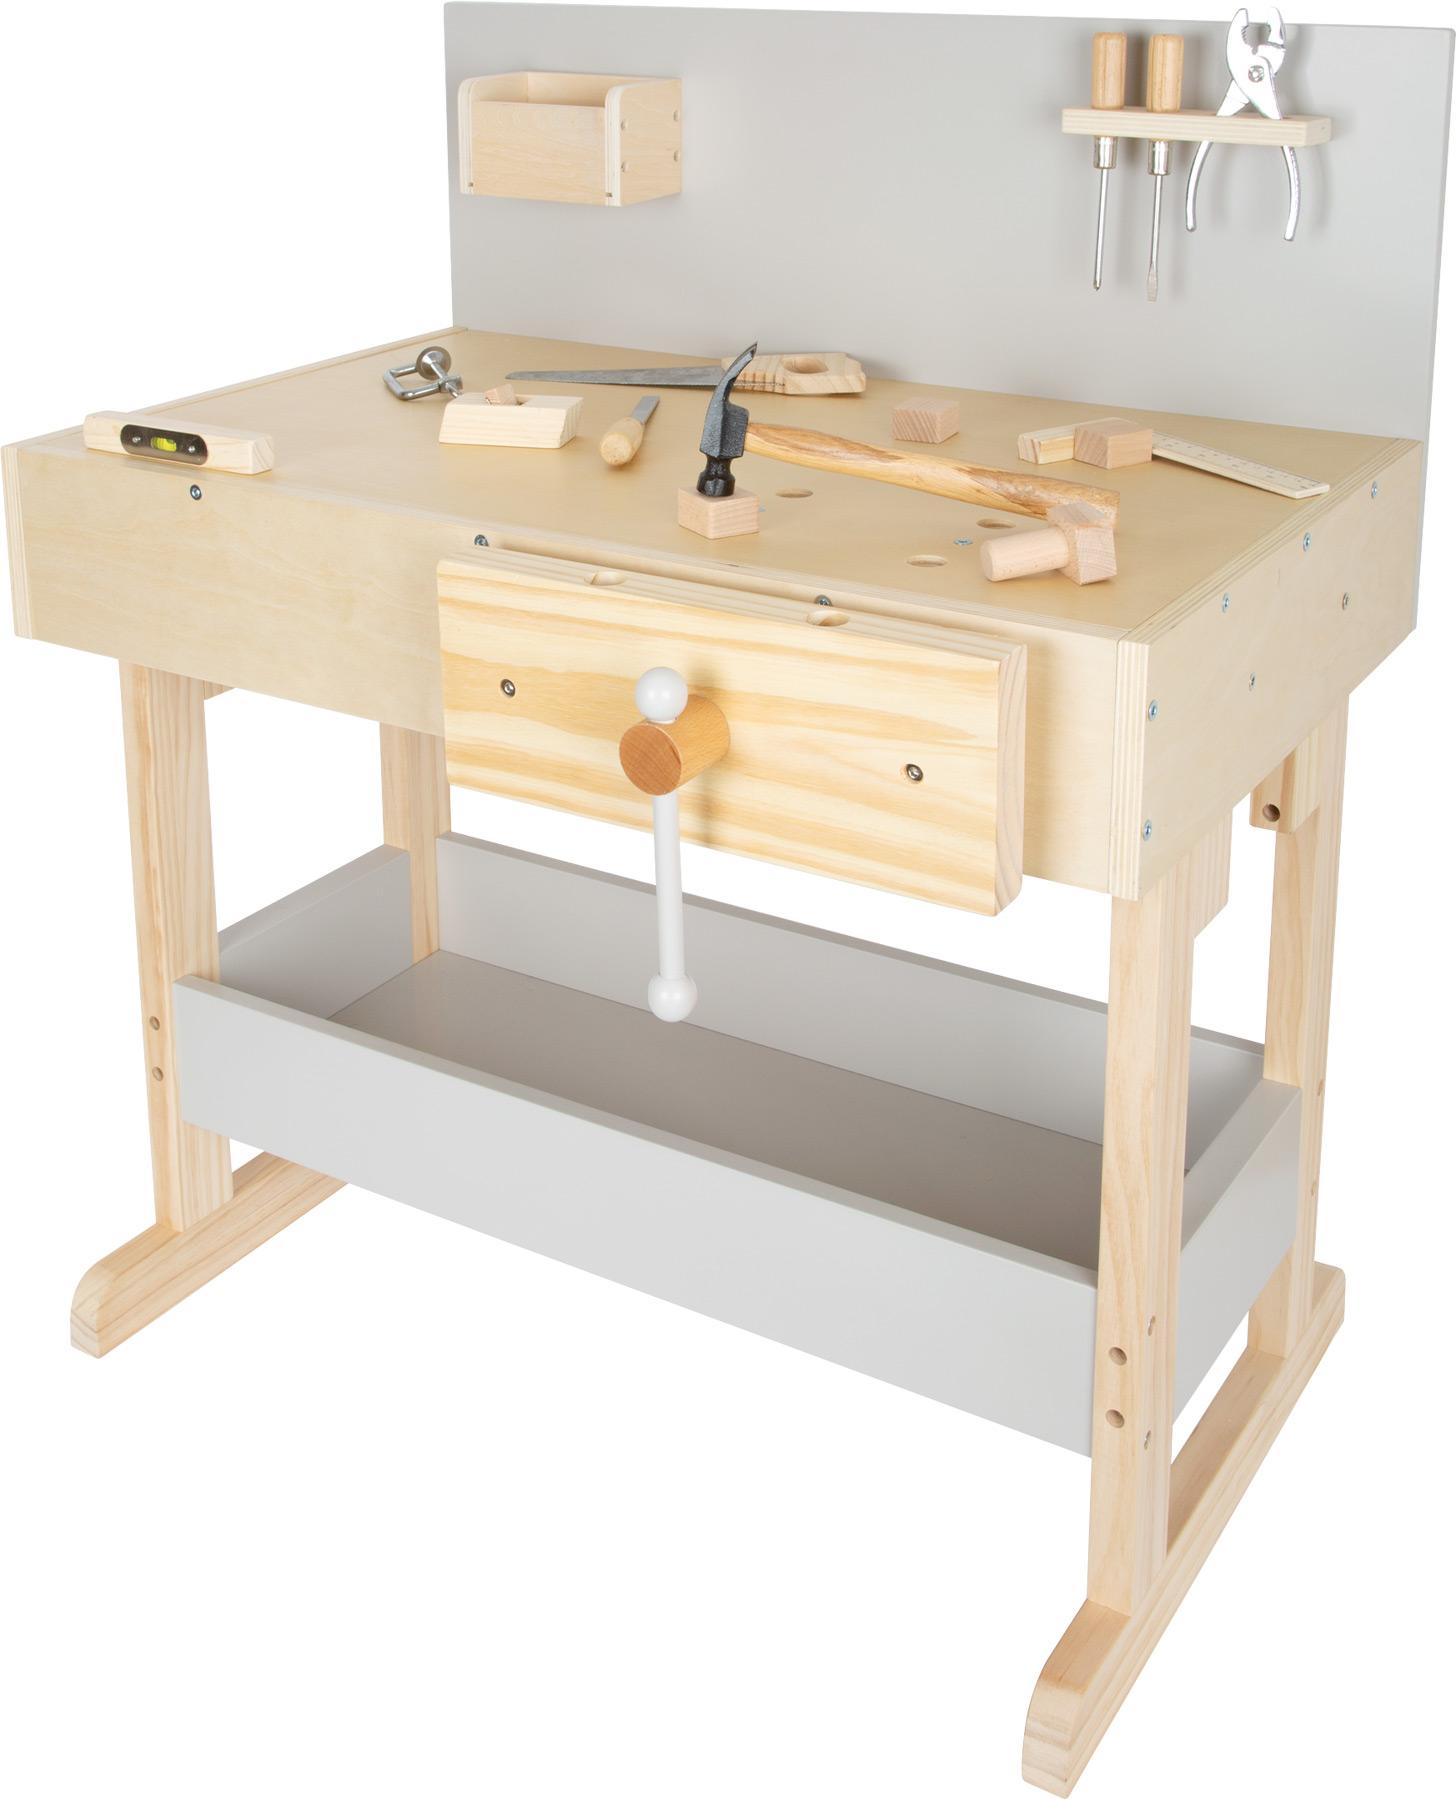 SMALL FOOT BY LEGLER Small Foot Dětský pracovní stůl šedý s nářadím